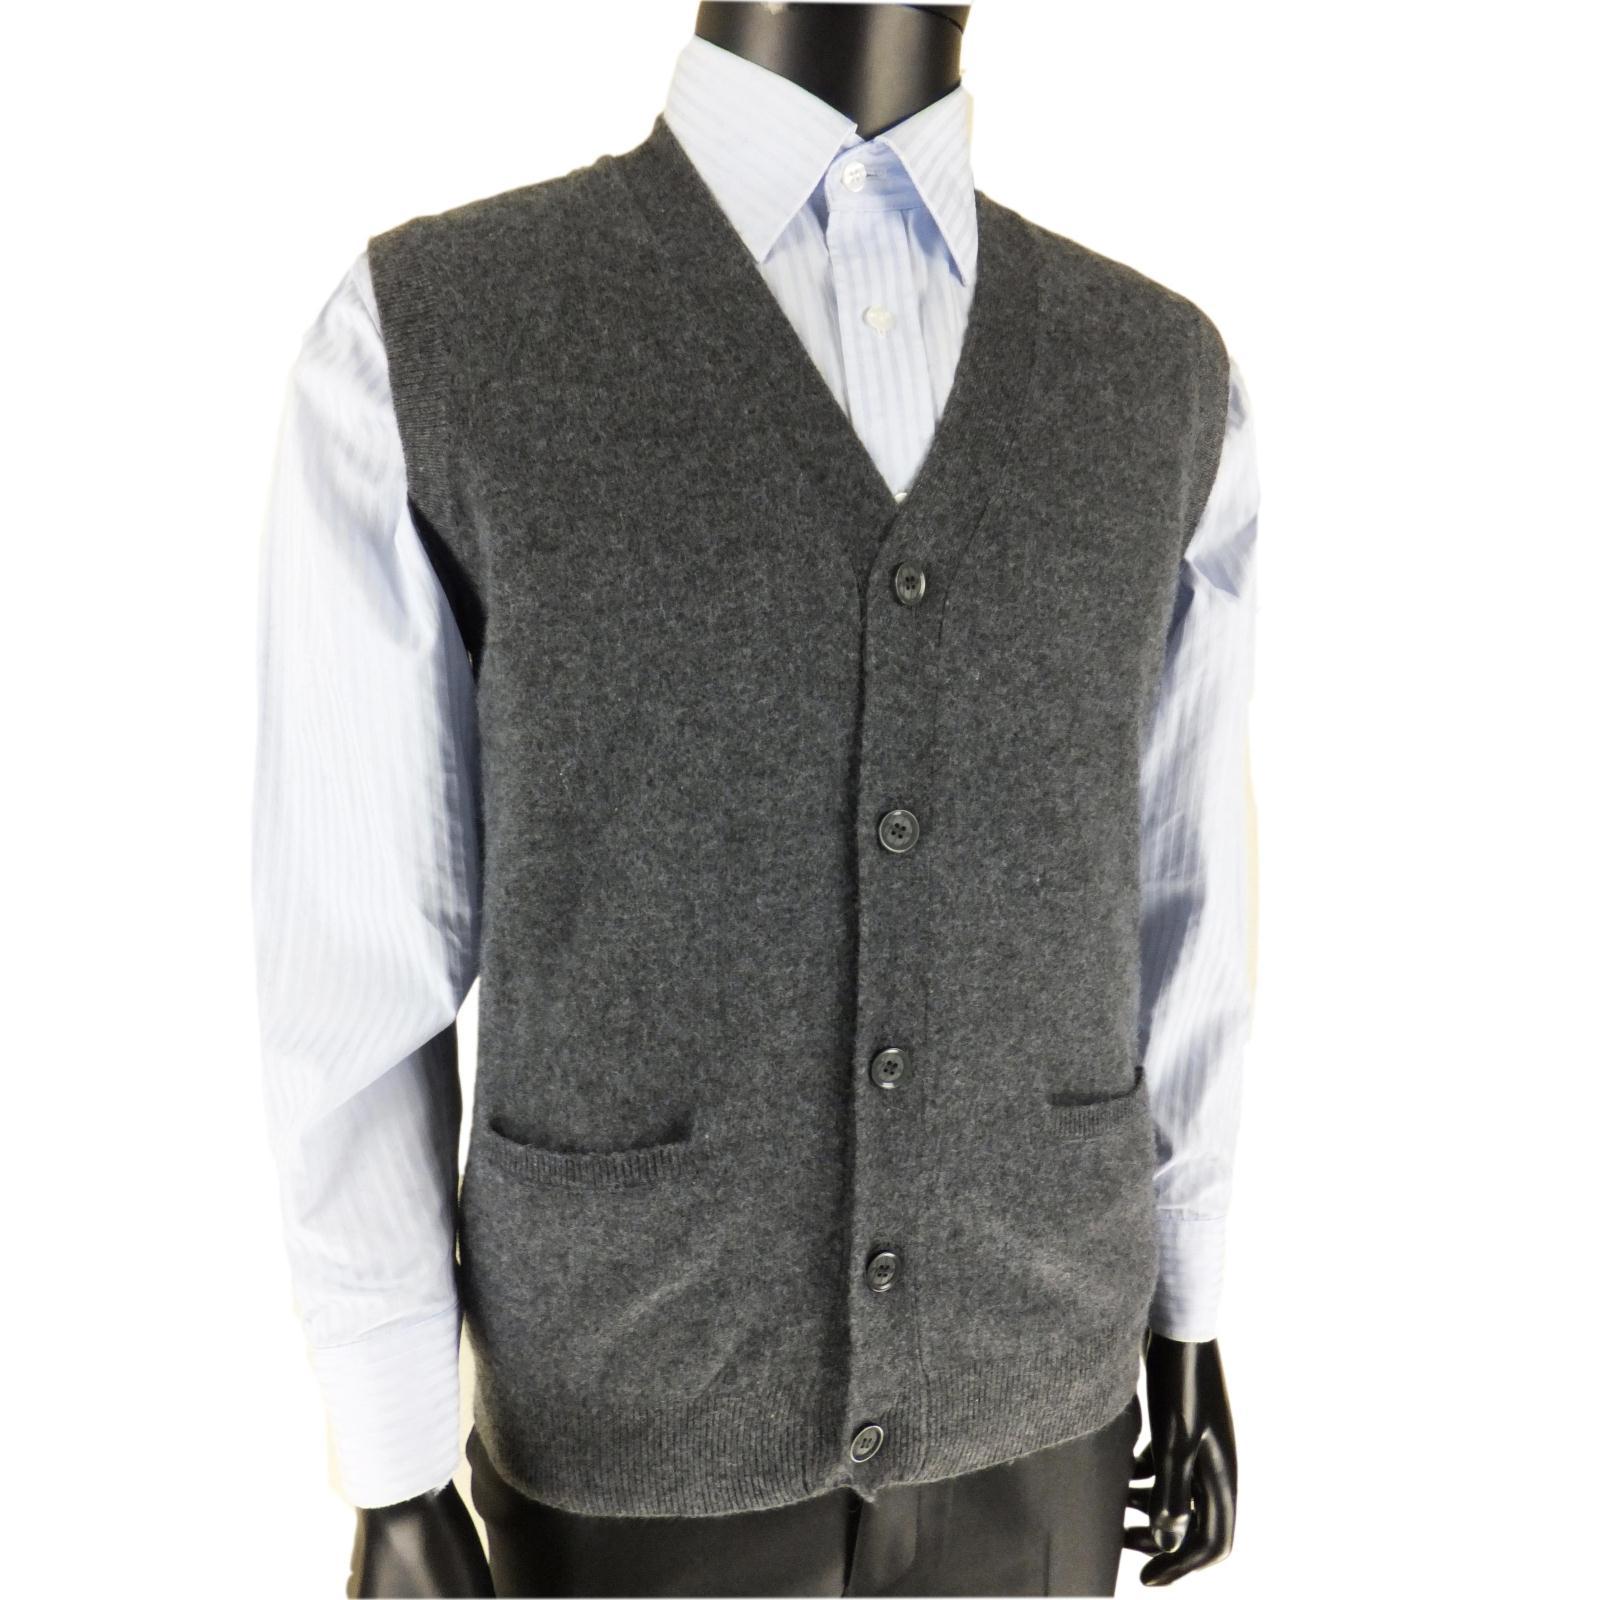 Tinh khiết cashmere vest nam mùa thu và mùa đông thanh niên kinh doanh len vest nam V-Cổ trung niên vest áo len đan cardigan